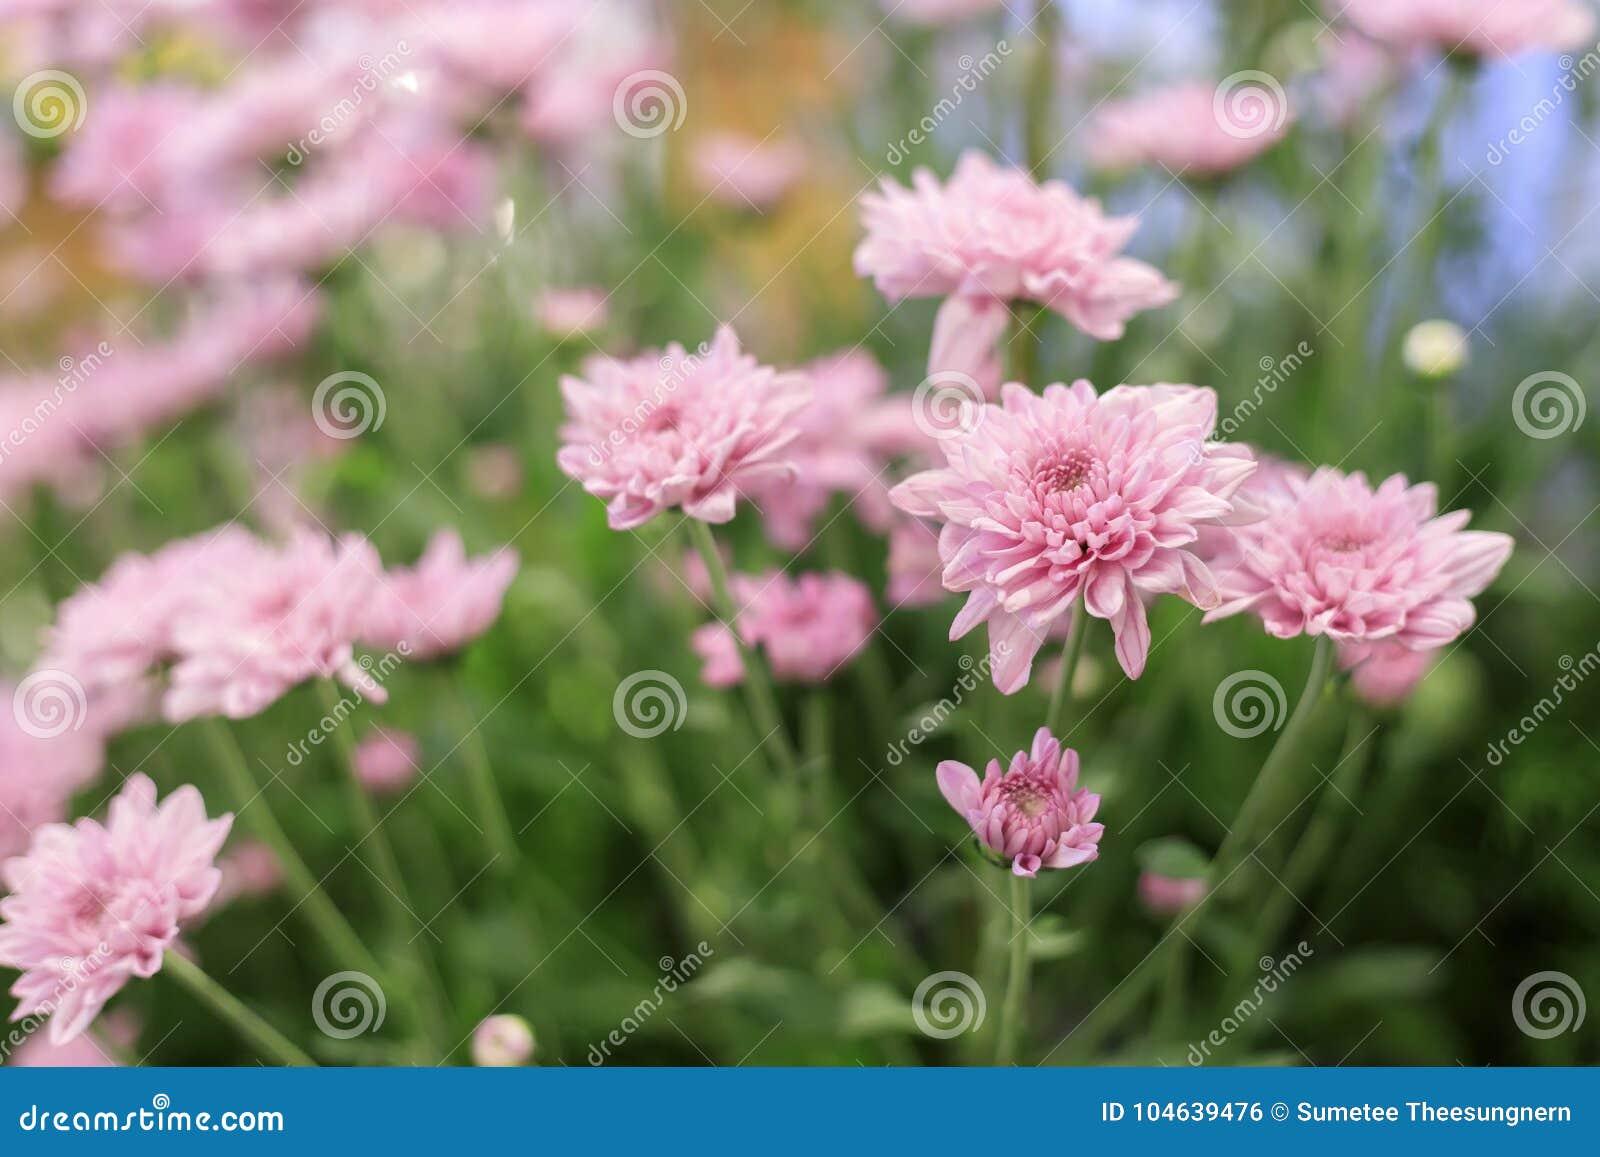 Download Mooie Roze Gerberabloem In De Tuin Stock Foto - Afbeelding bestaande uit mooi, achtergrond: 104639476